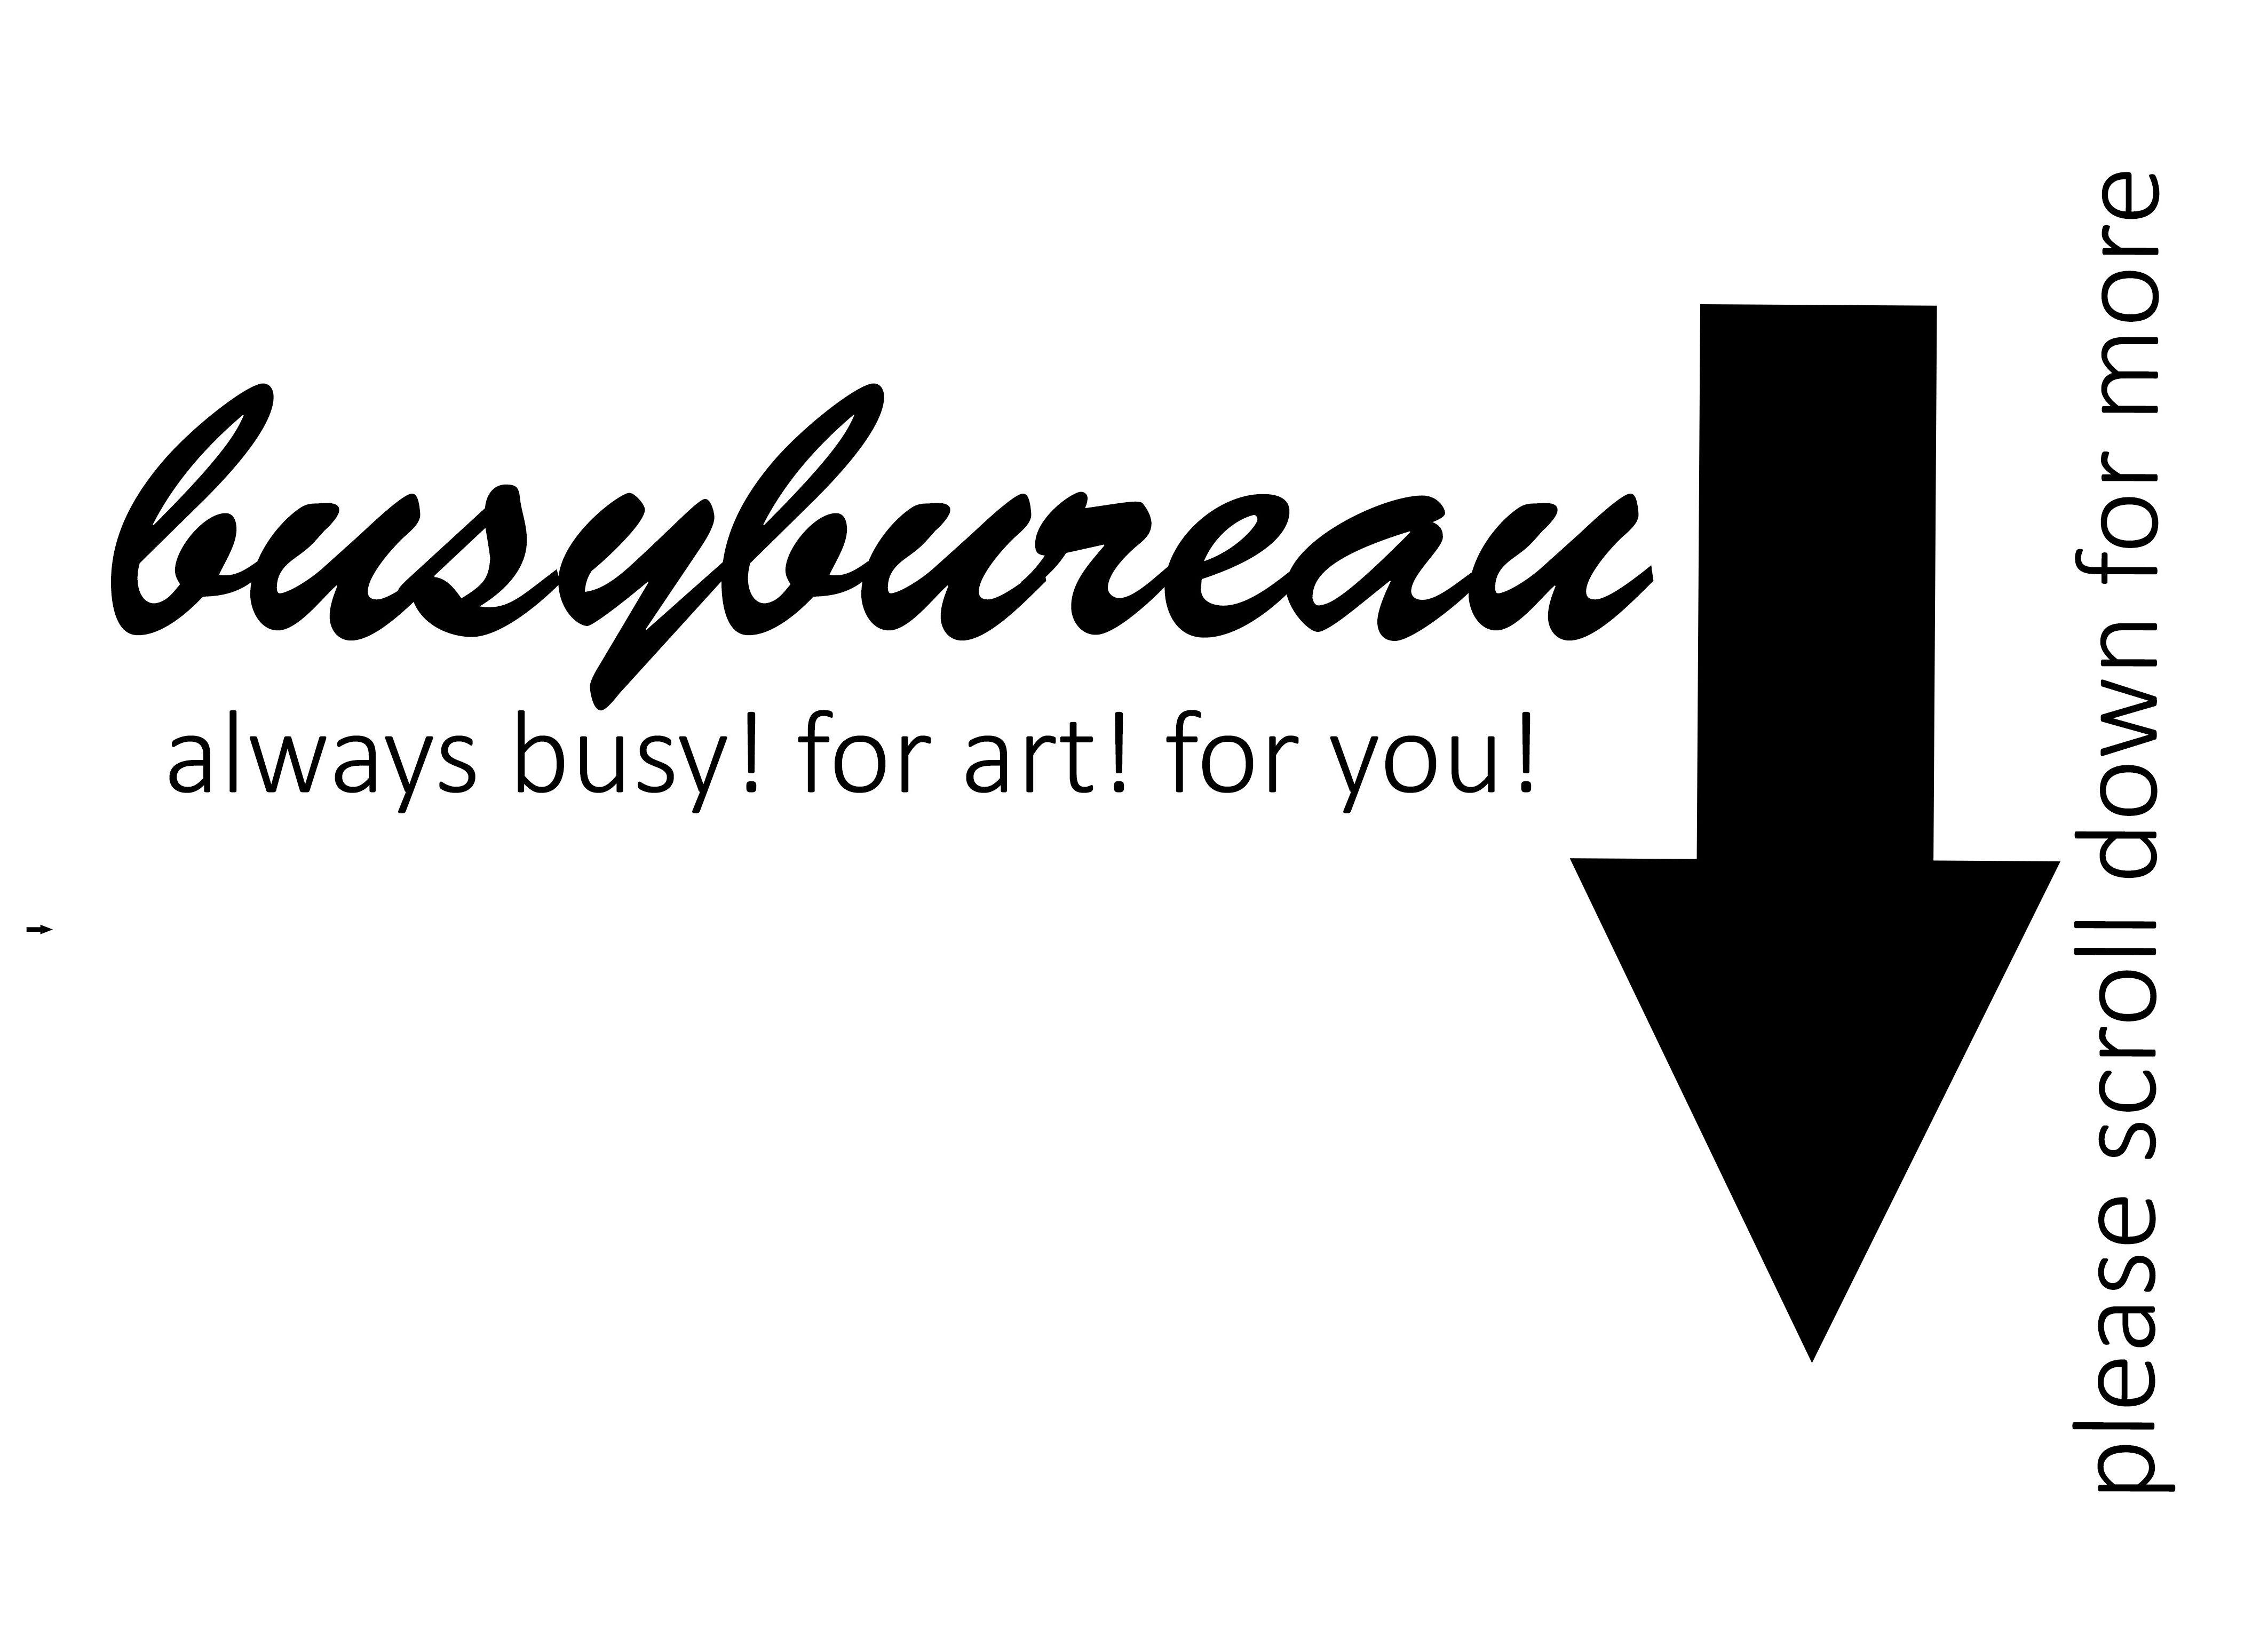 busybureau.com